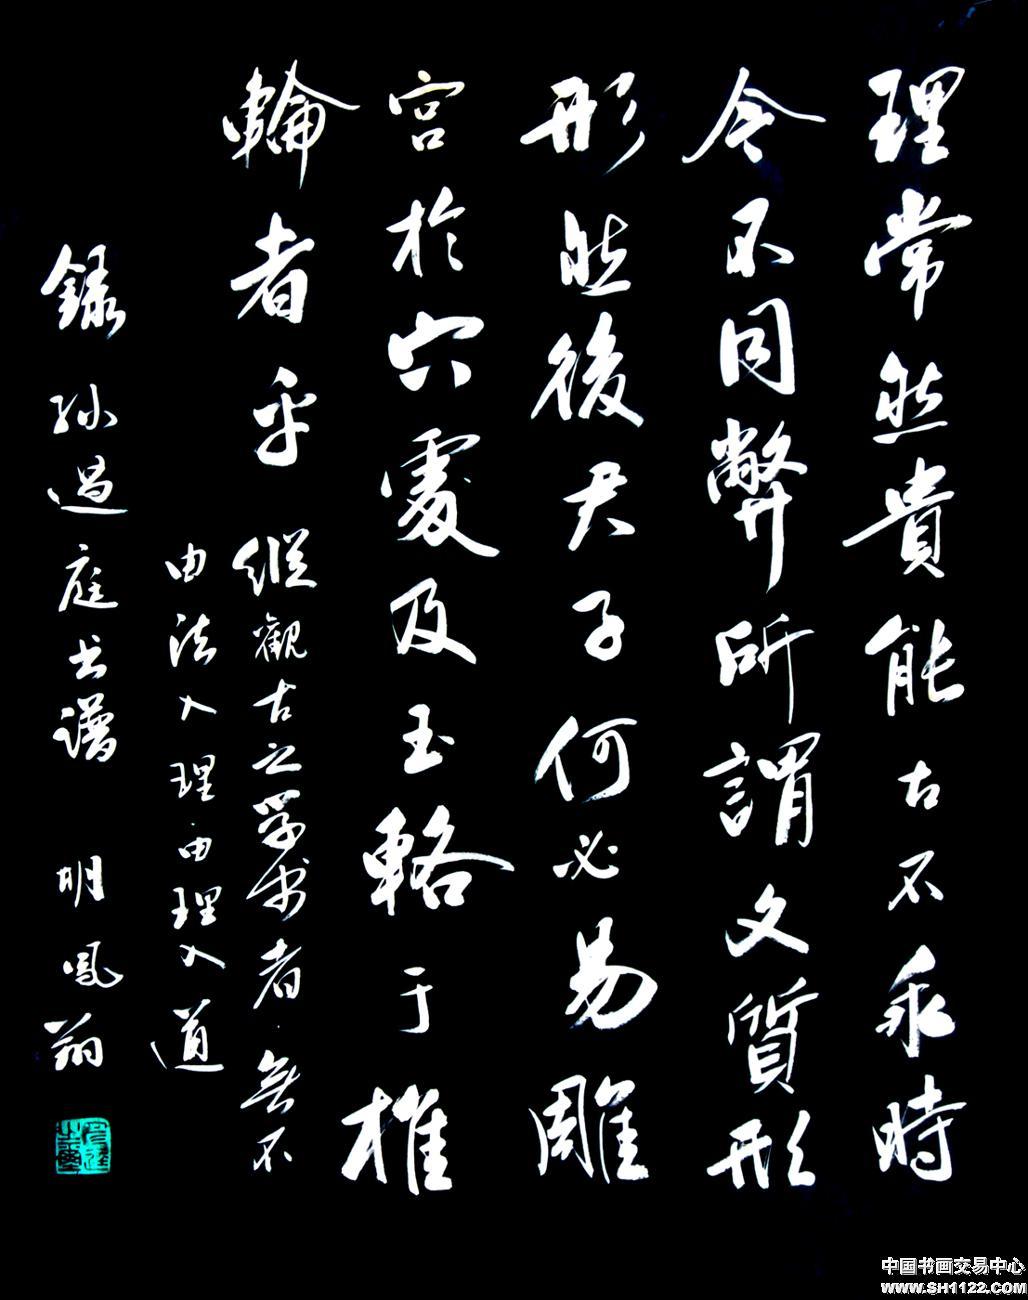 青海花儿折牡丹曲谱-<IMG>保真收藏唯一序列号:JDYS200706198096-95953  本幅行售价